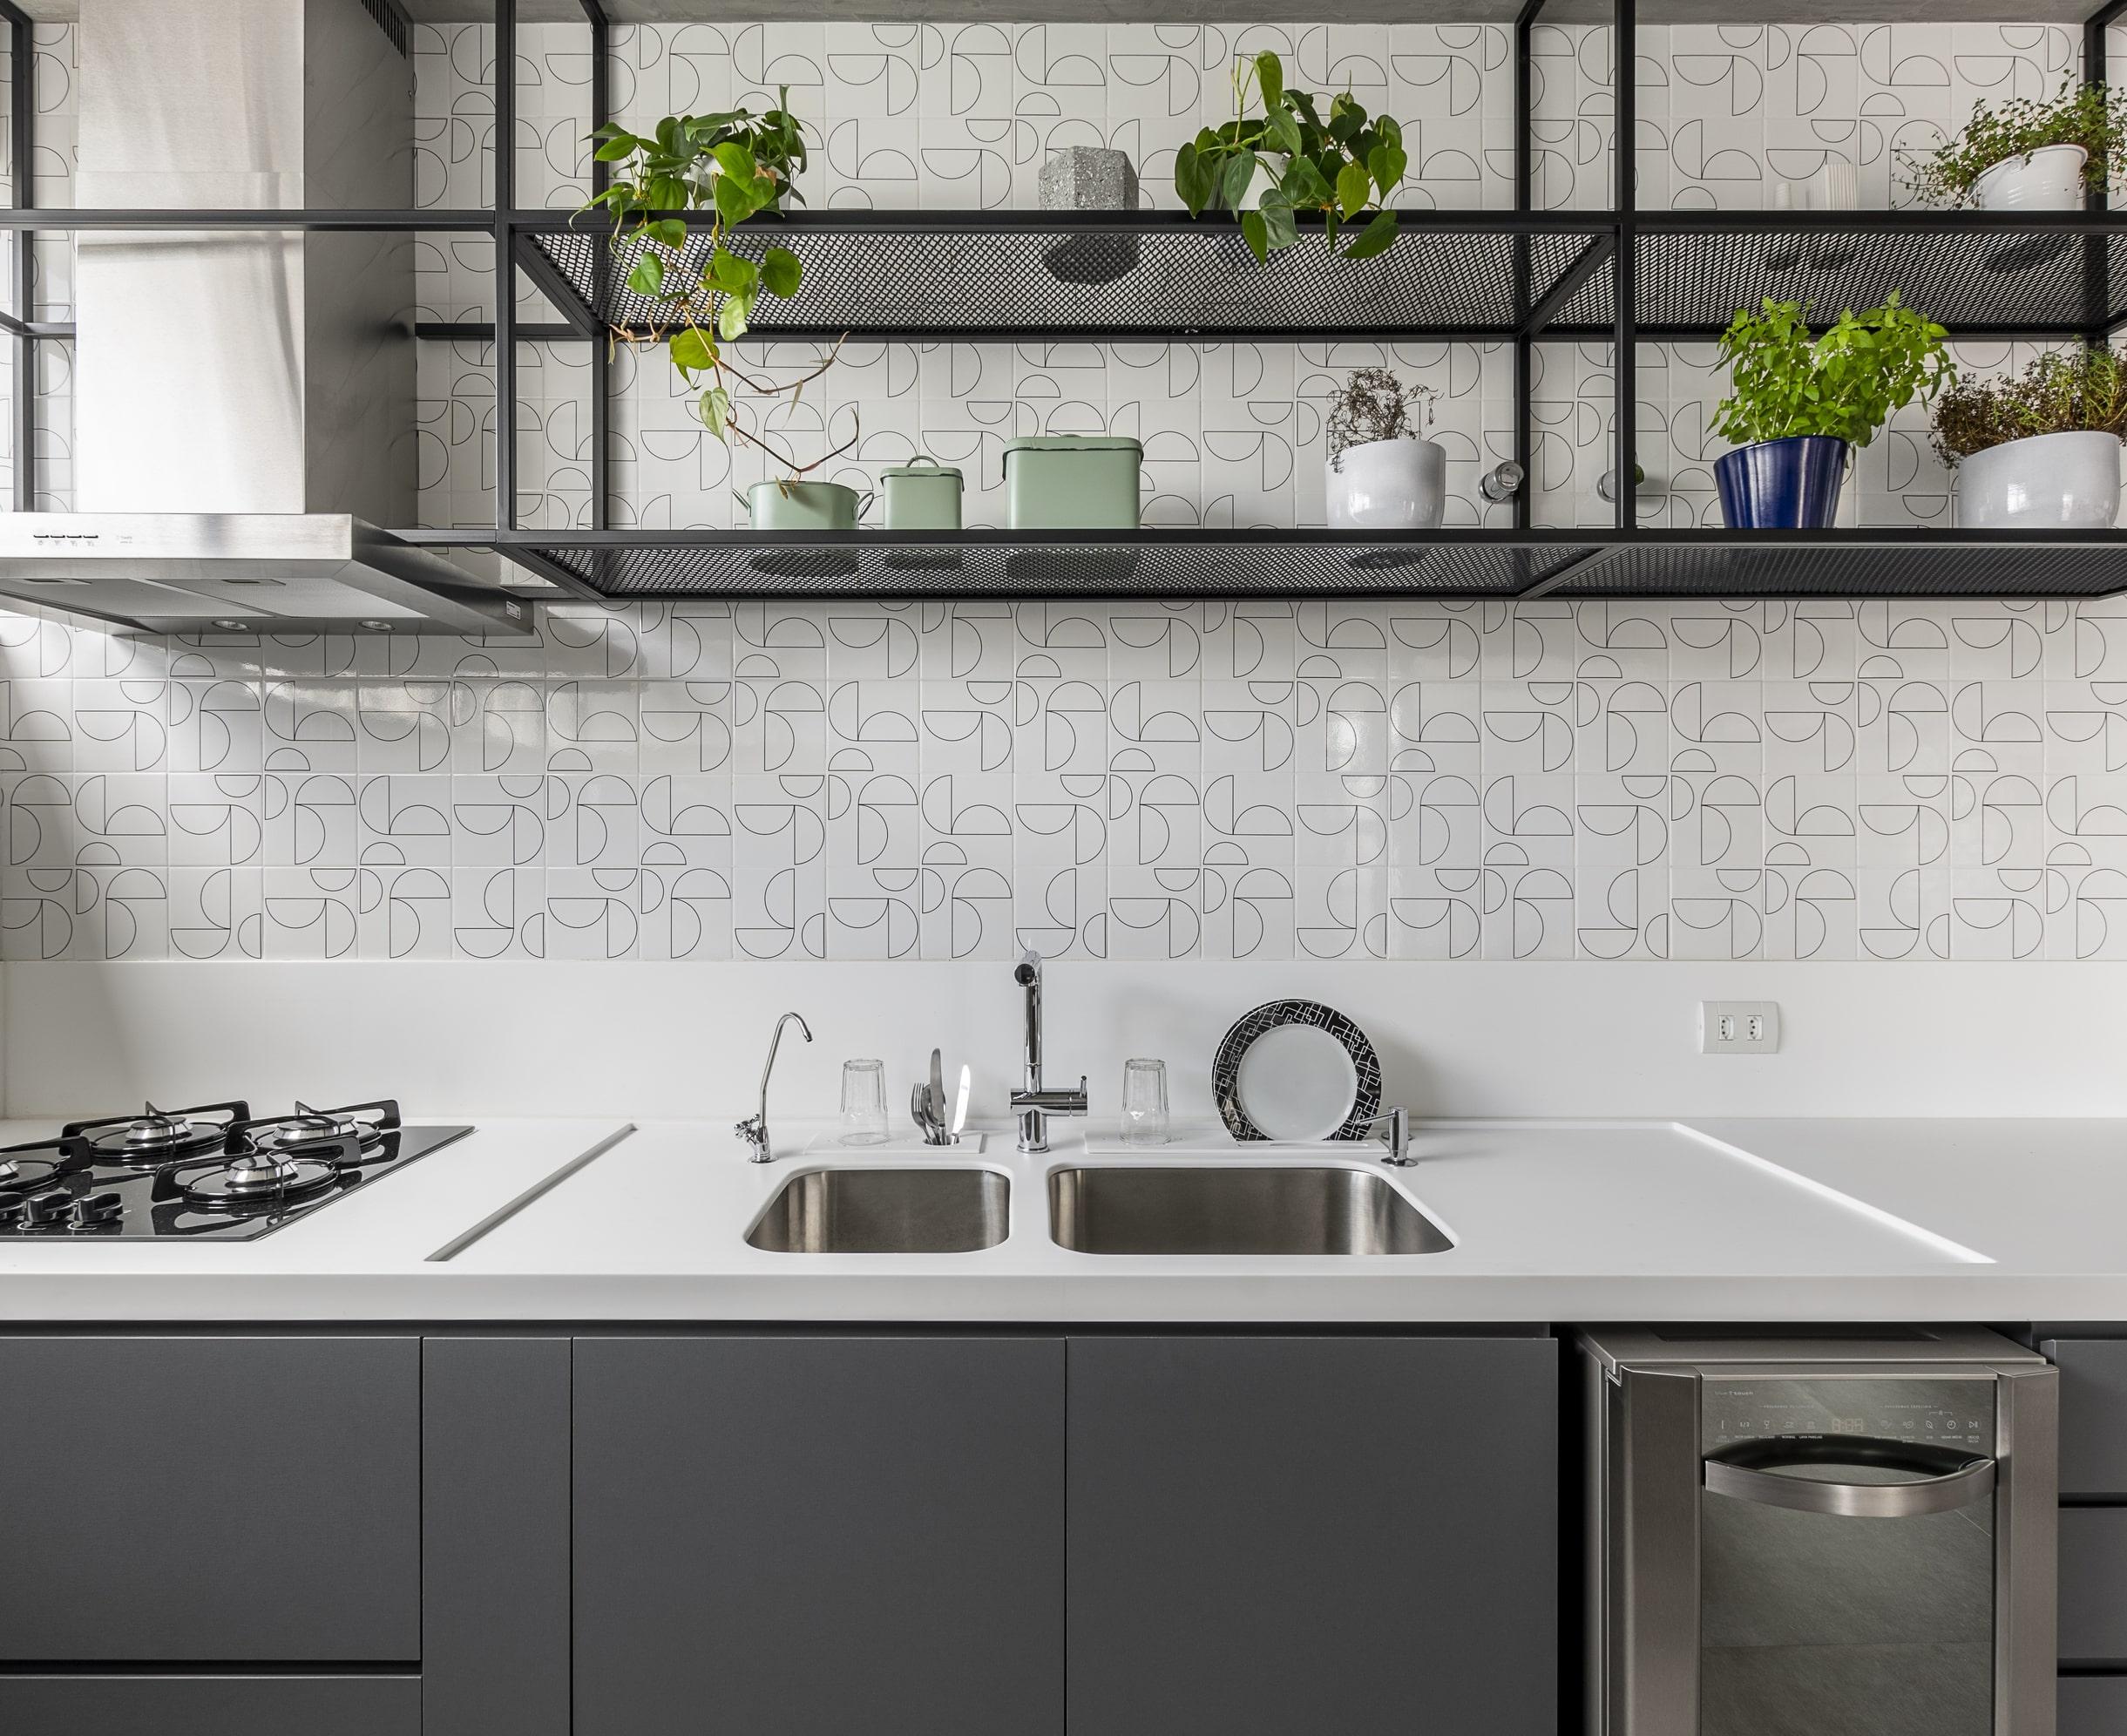 Na cozinha projetada pelo Estúdio Maré, a serralheria foi utilizada para a estante suspensa que contrastou com a leveza dos revestimentos.